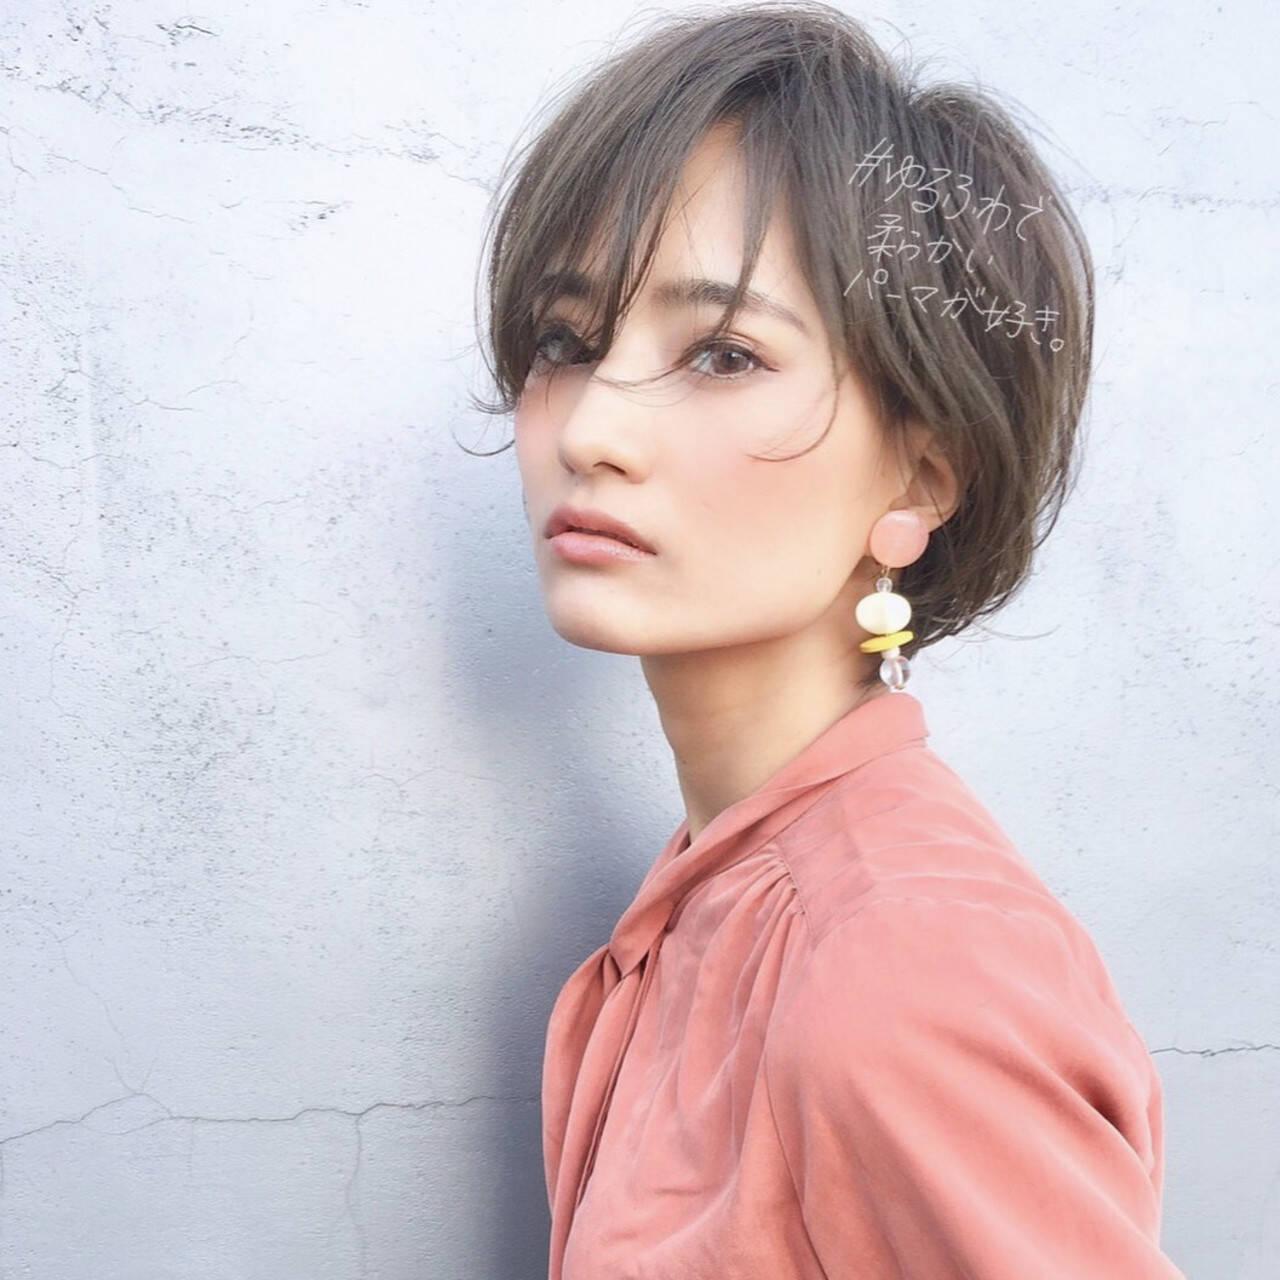 ヘアアレンジ ショート パーマ オフィスヘアスタイルや髪型の写真・画像